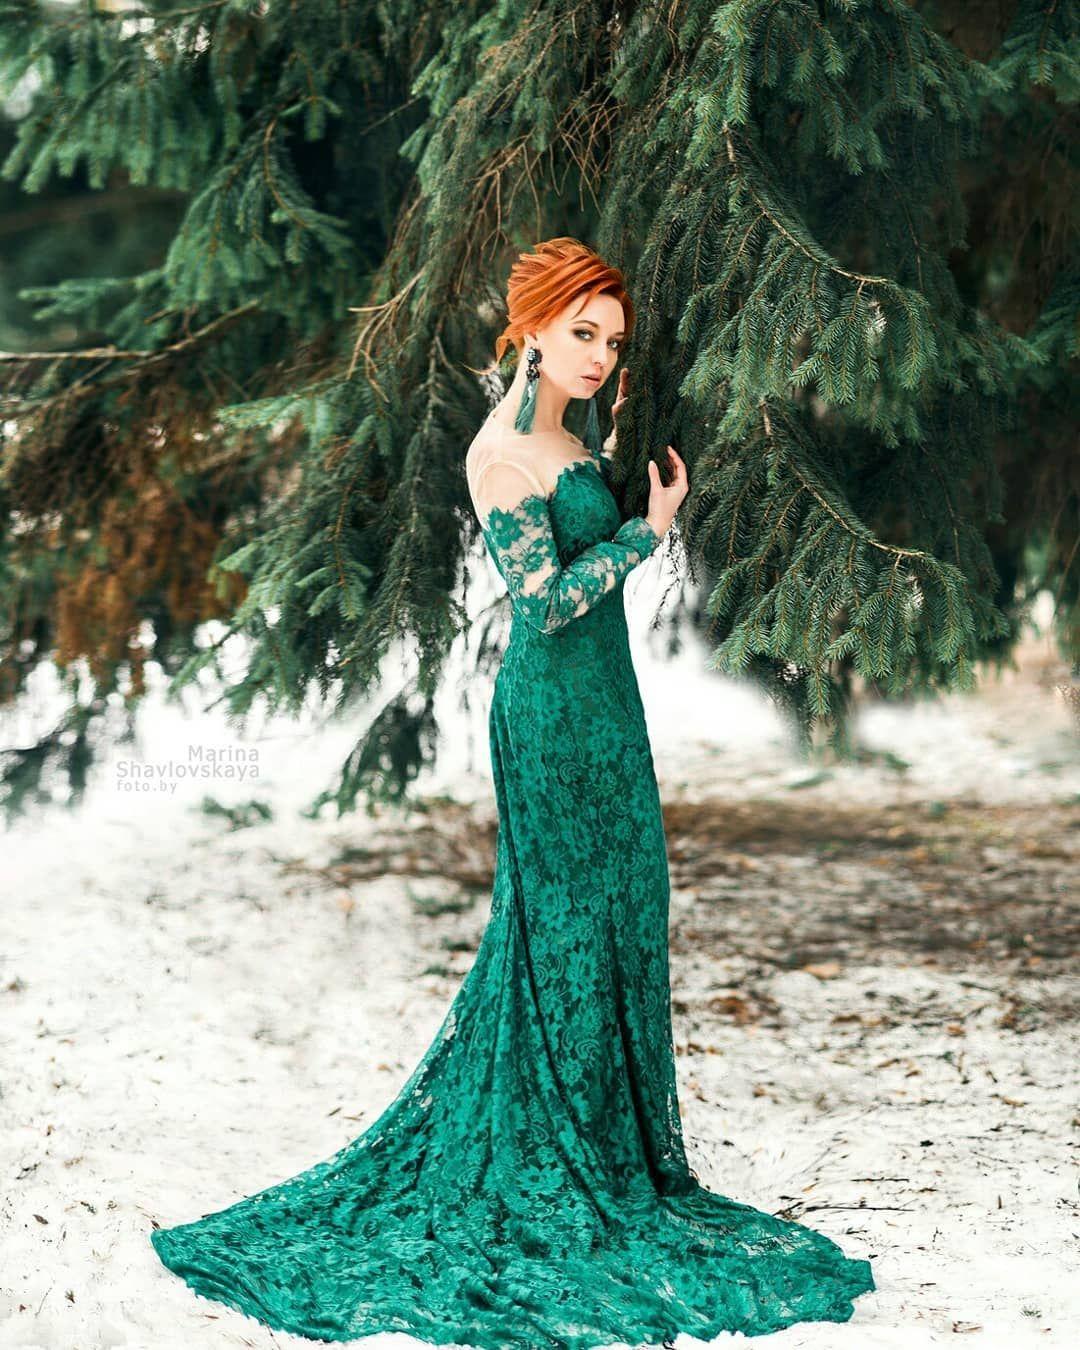 Картинки с рыжей девушкой в зеленом платье